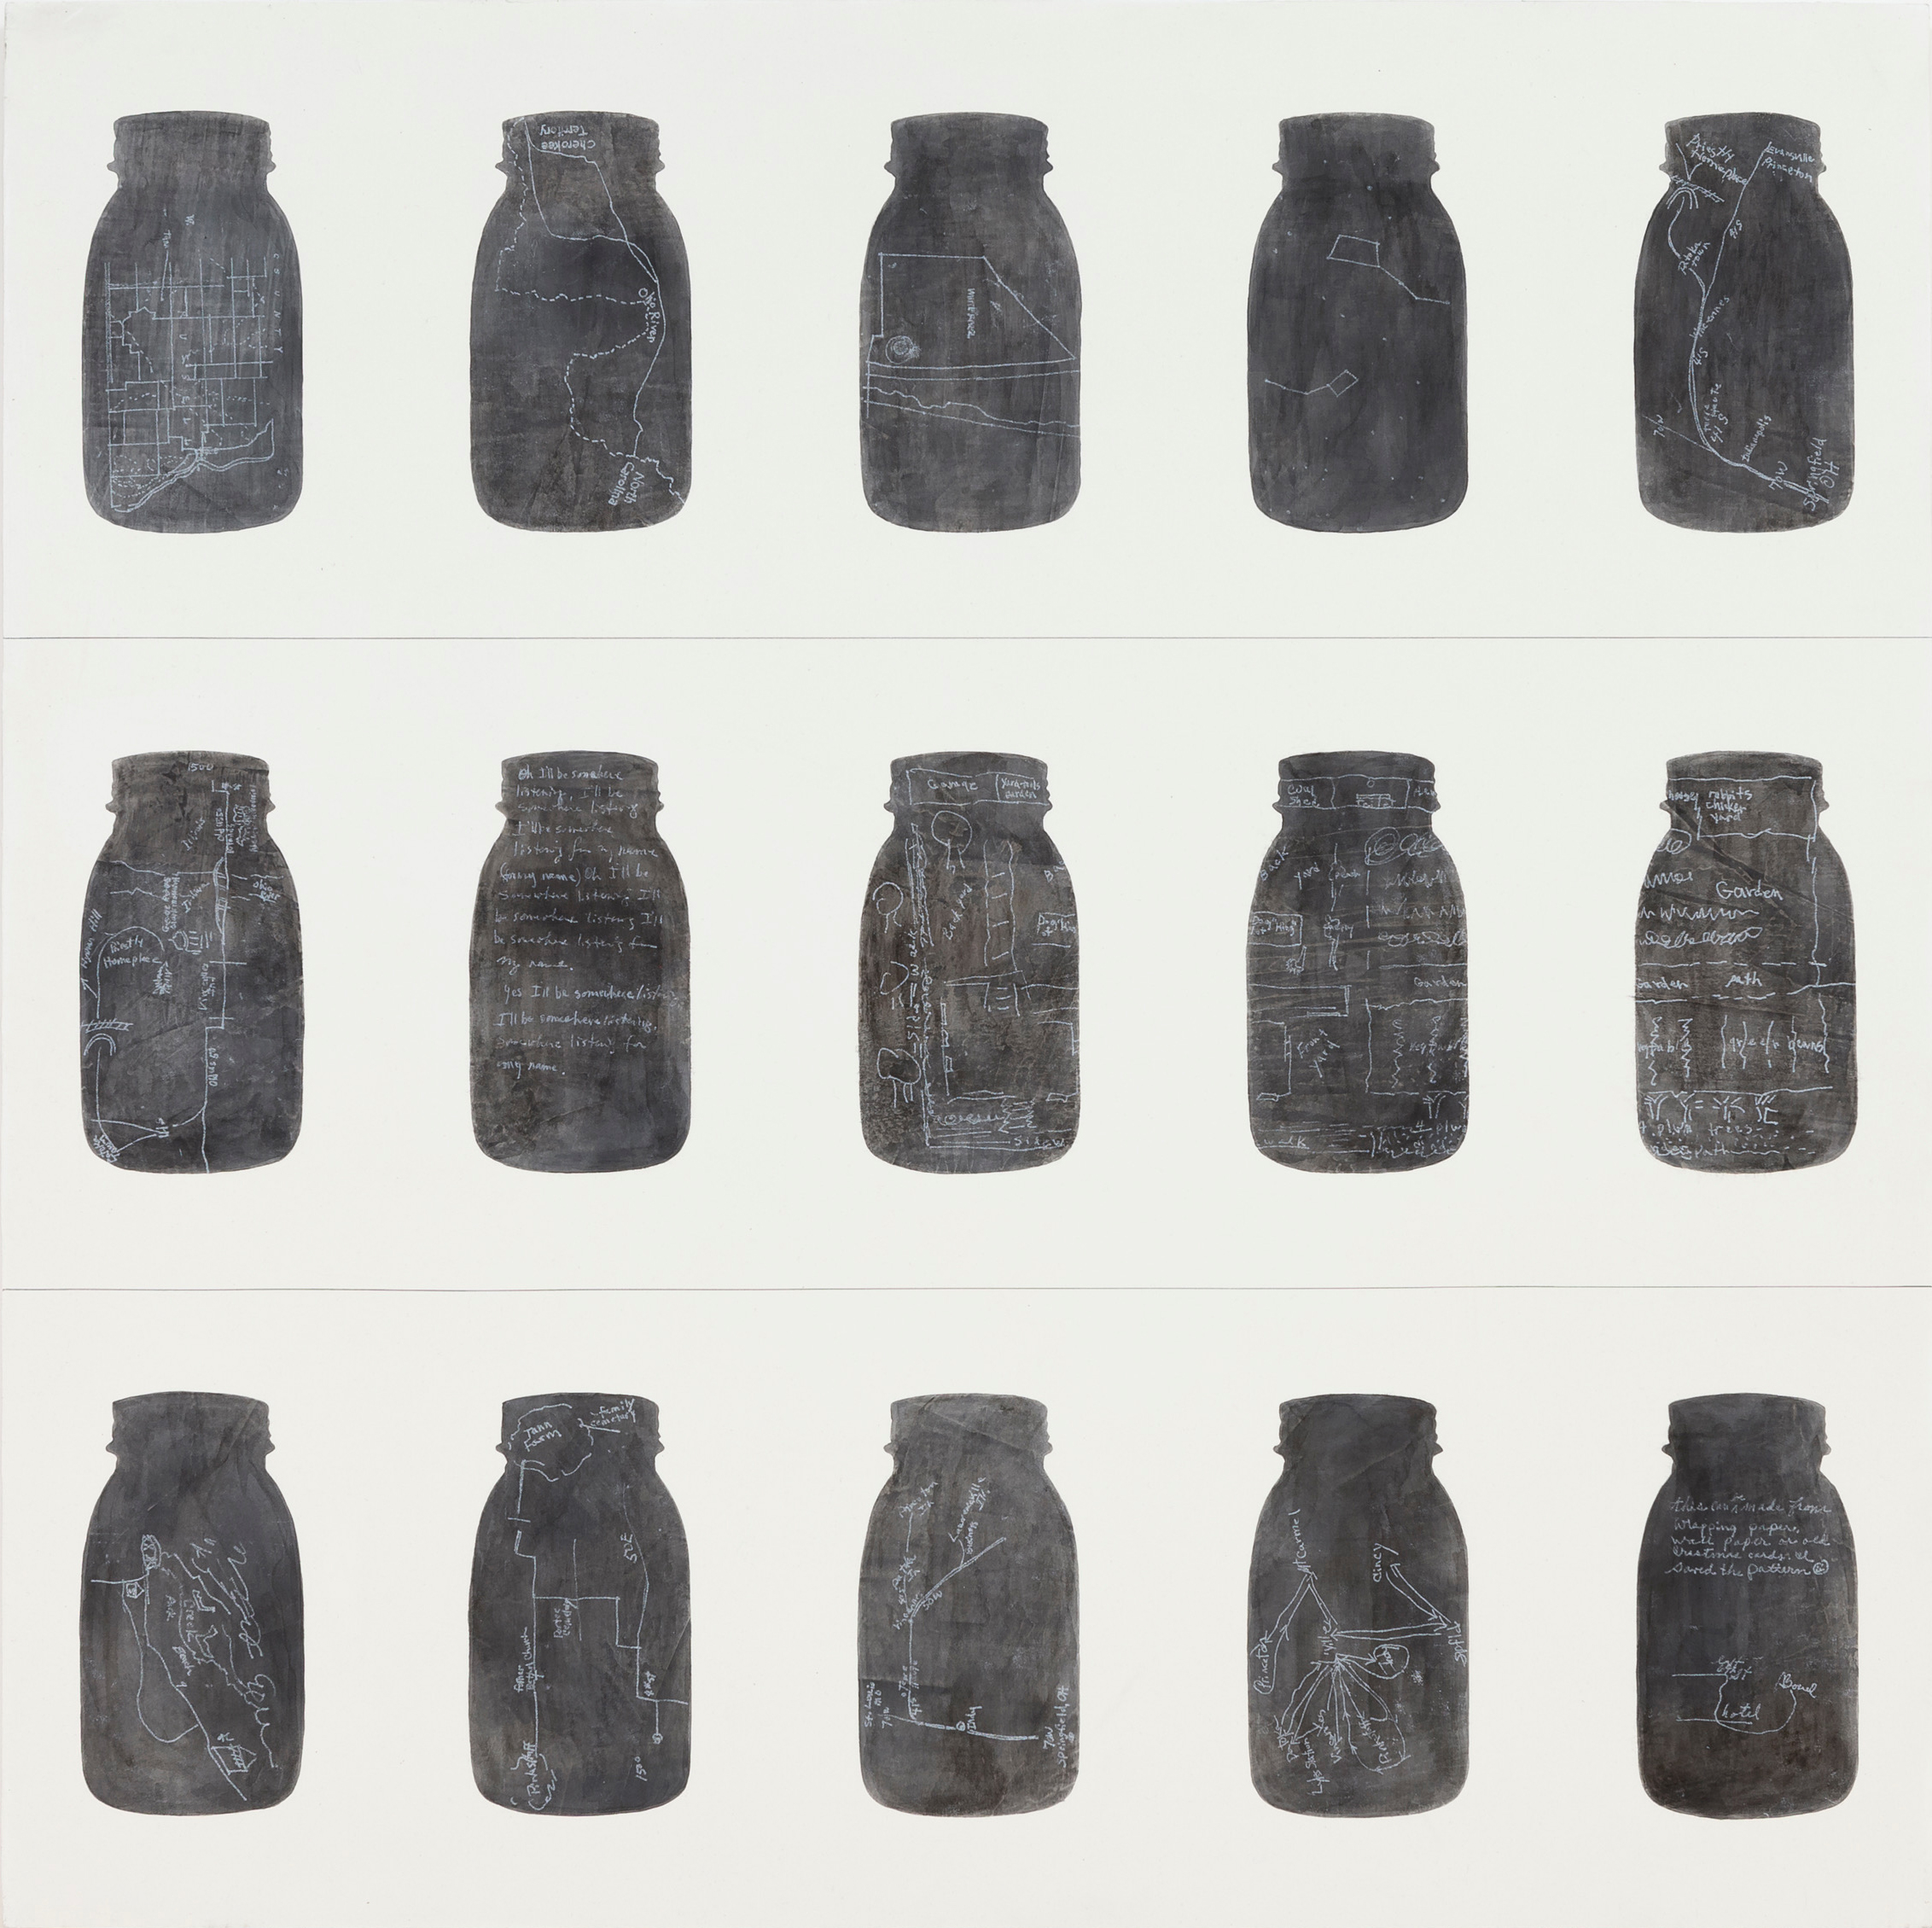 mattoon 16, 2014  ink, acrylic, graphite, chalk, absorbent ground on birch  36 x 36 inches